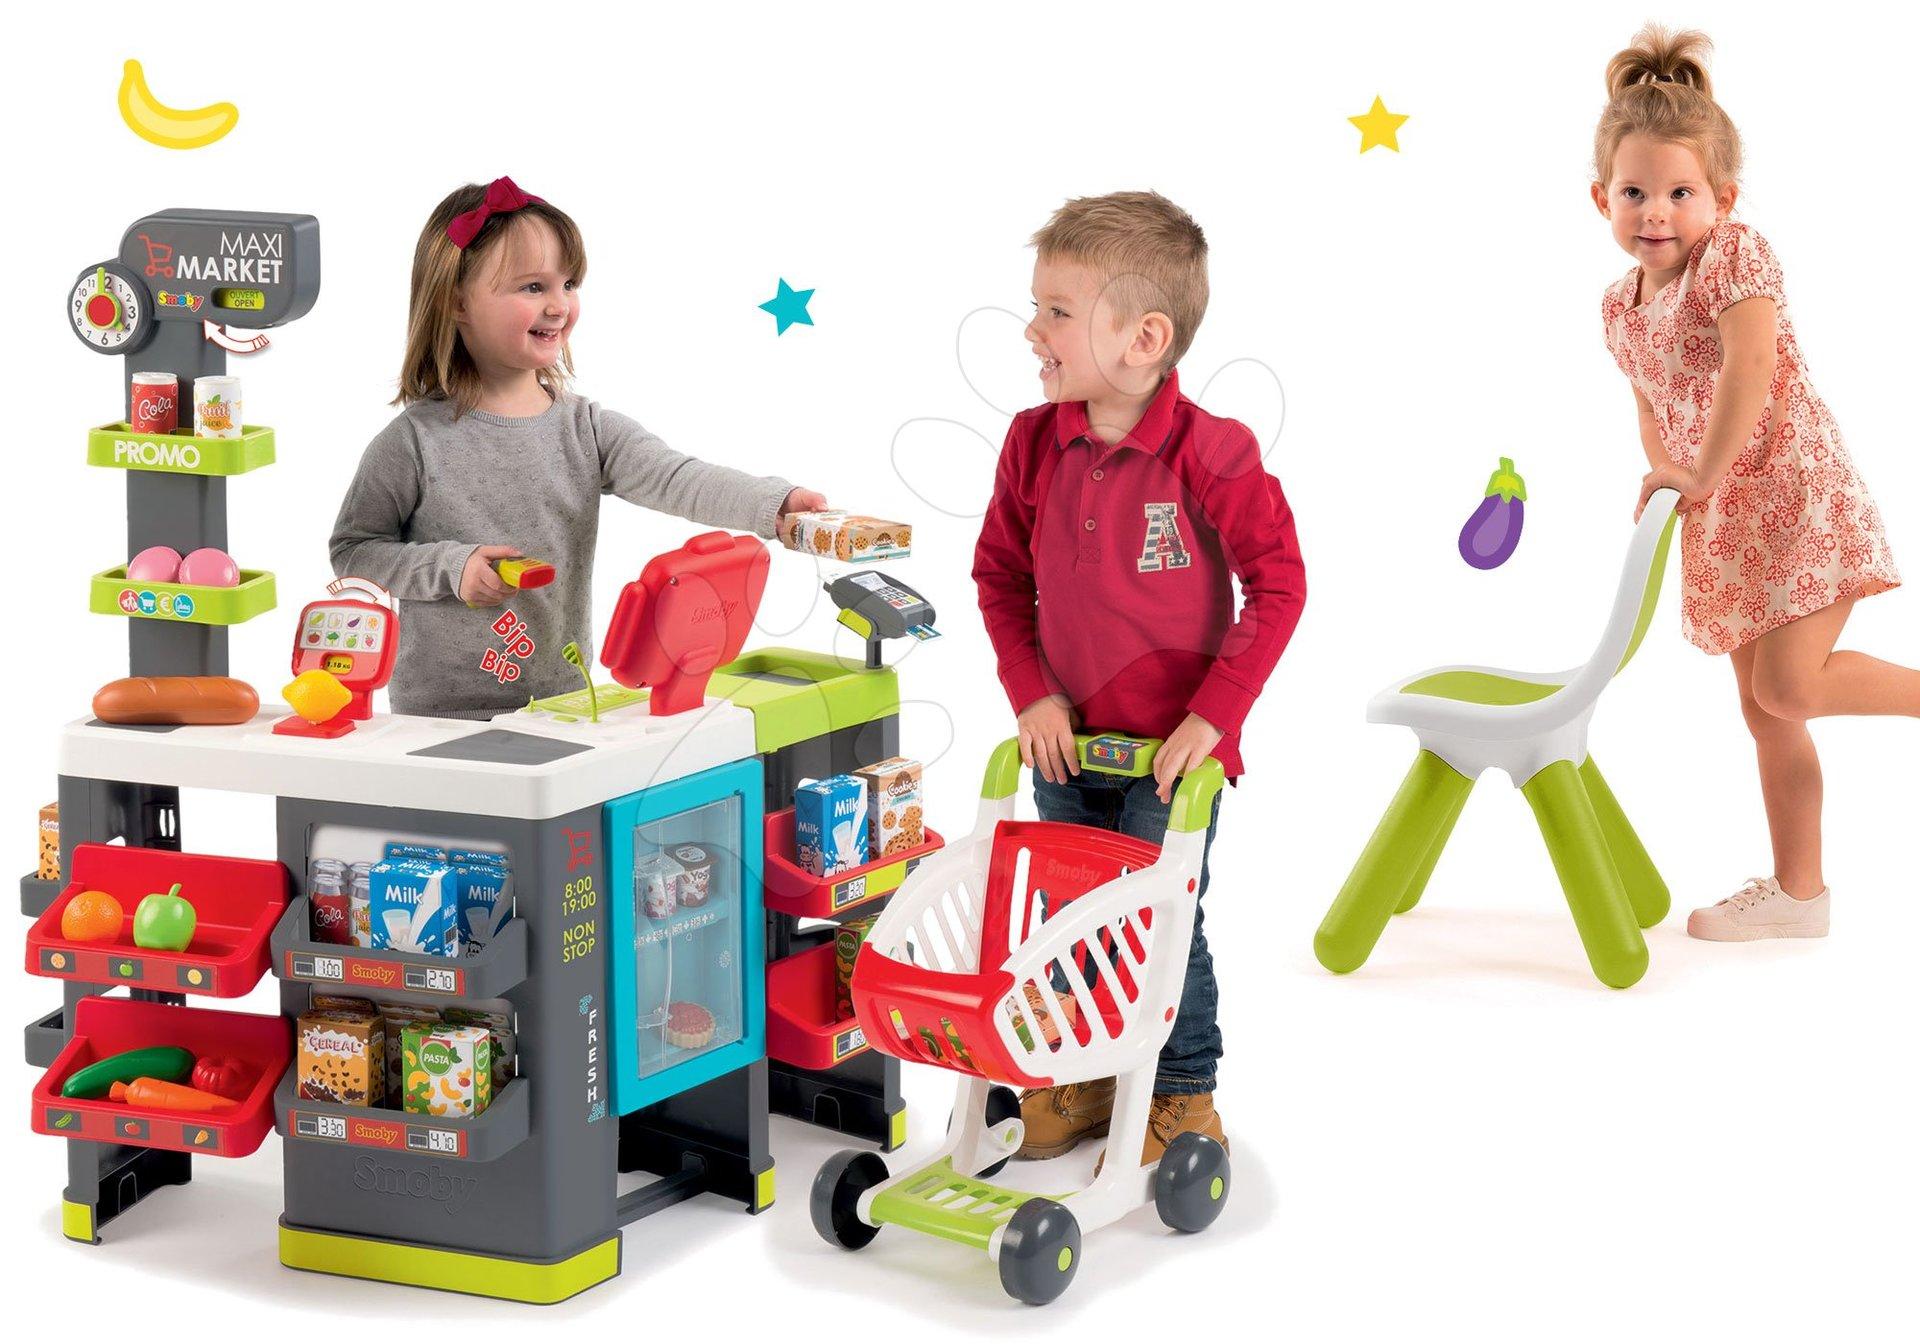 Smoby set obchod Maxi Market s pokladňou, vozíkom a zelenou stoličkou 350215-22